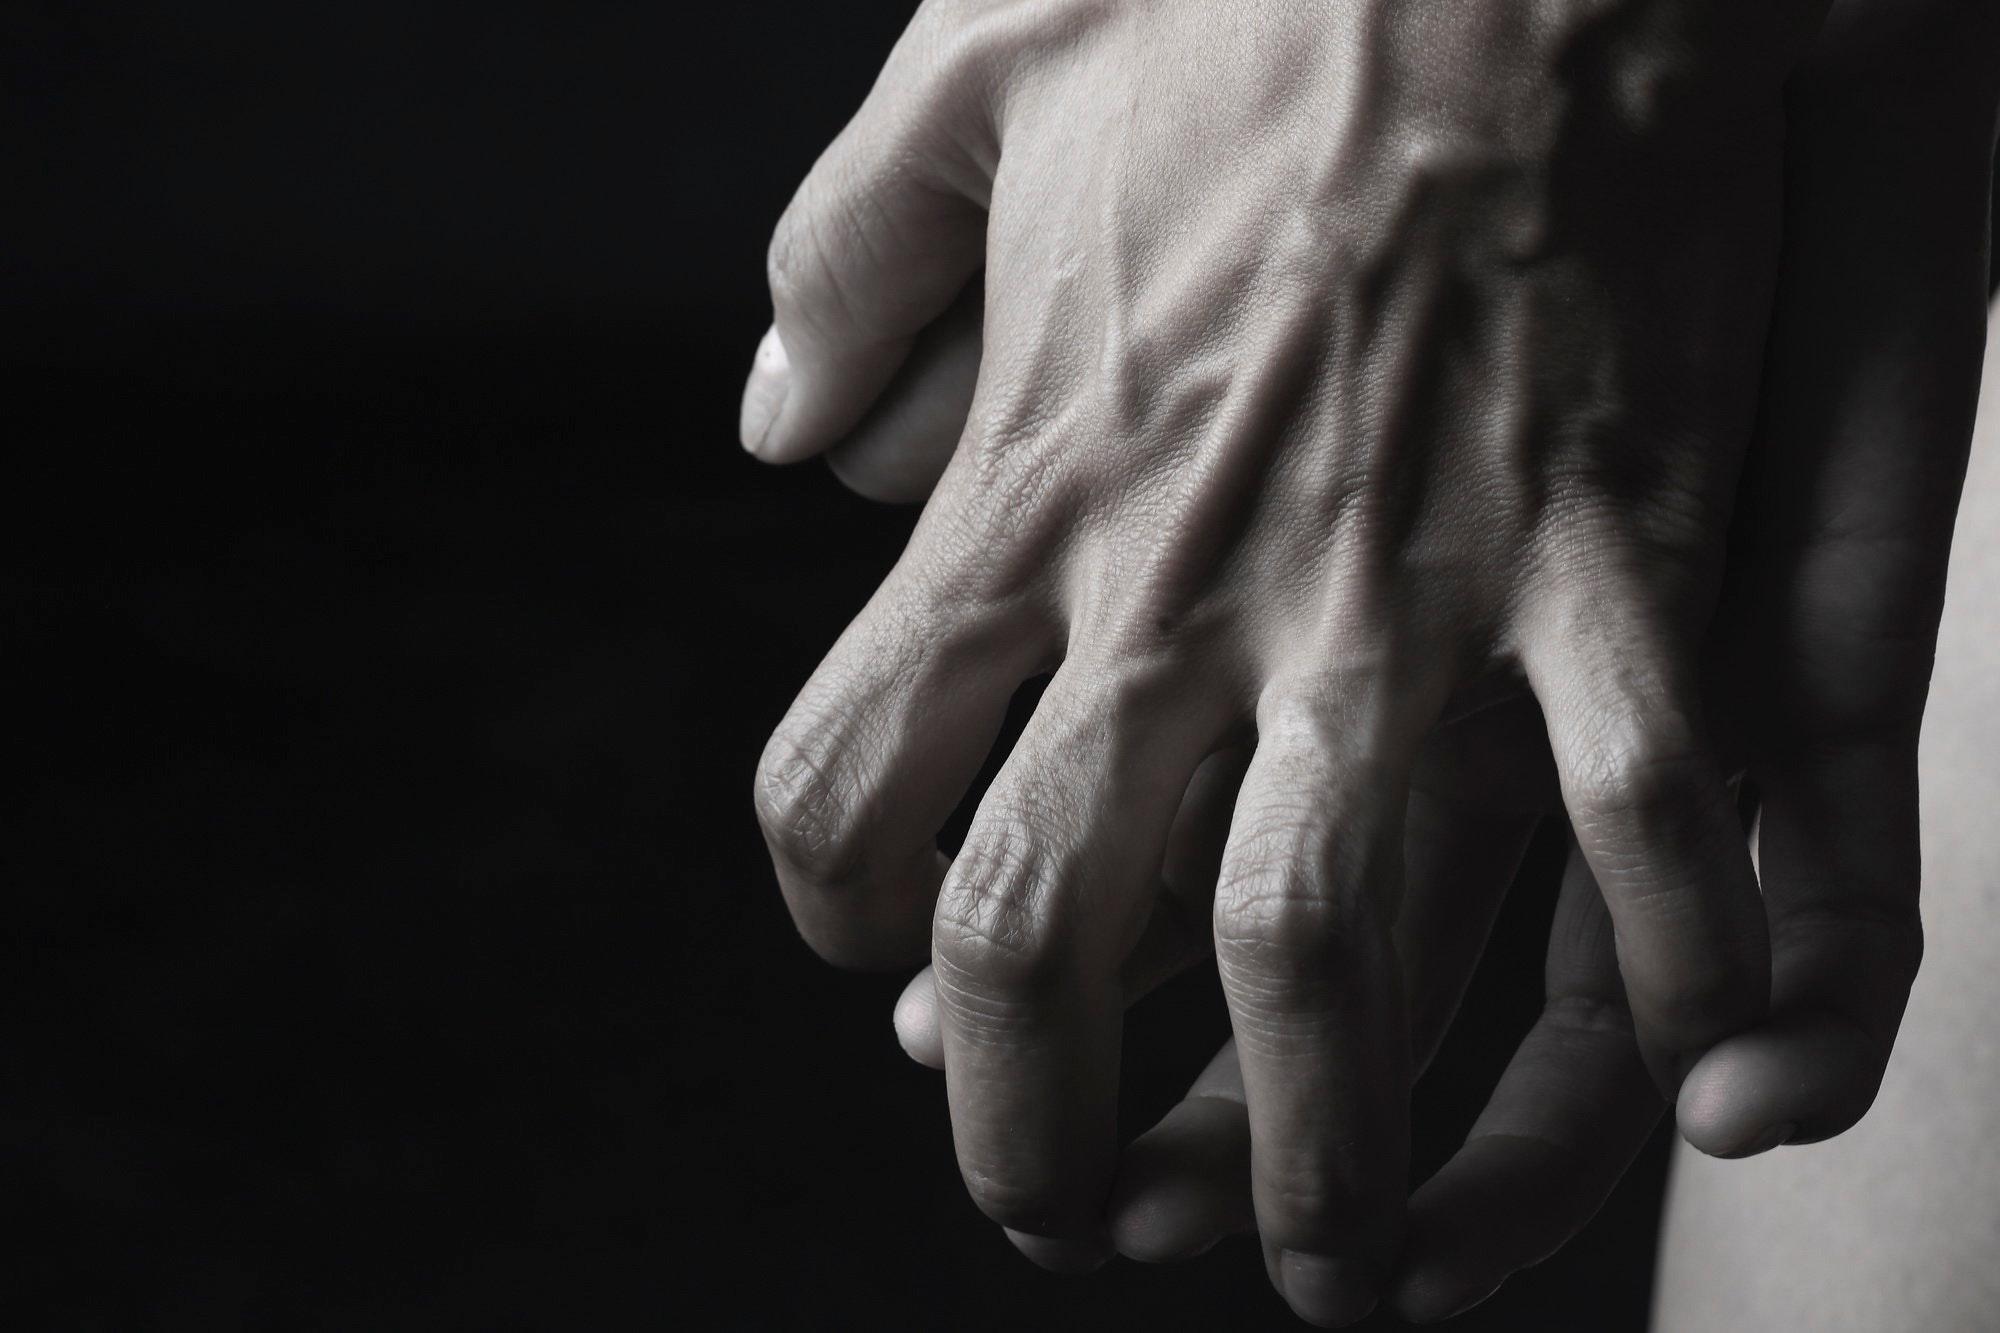 Hands-entwine-02.jpg